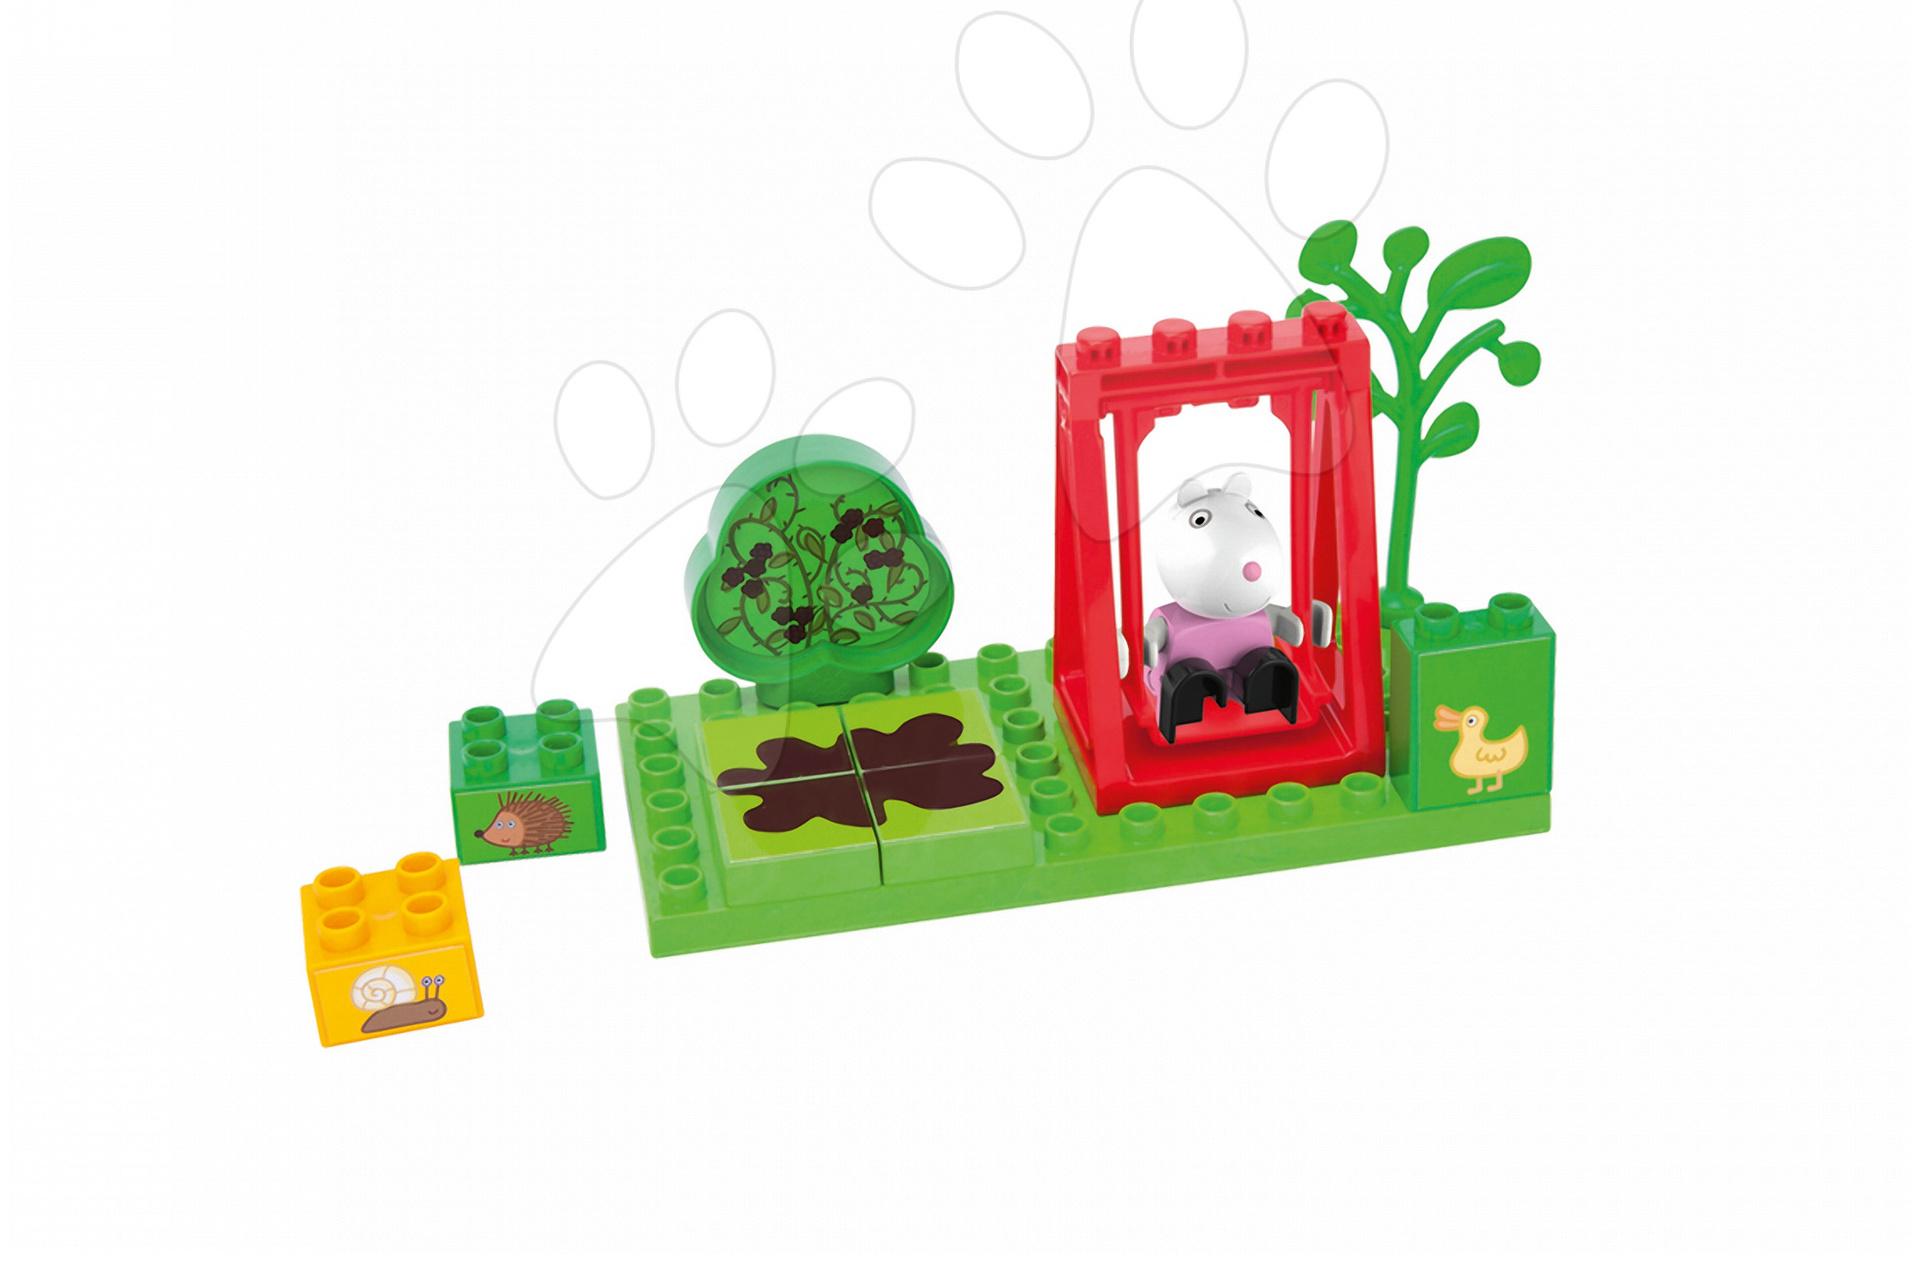 Stavebnica Peppa Pig na hojdačke PlayBIG Bloxx BIG 13 dielov a 1 figúrka od 1,5-5 rokov